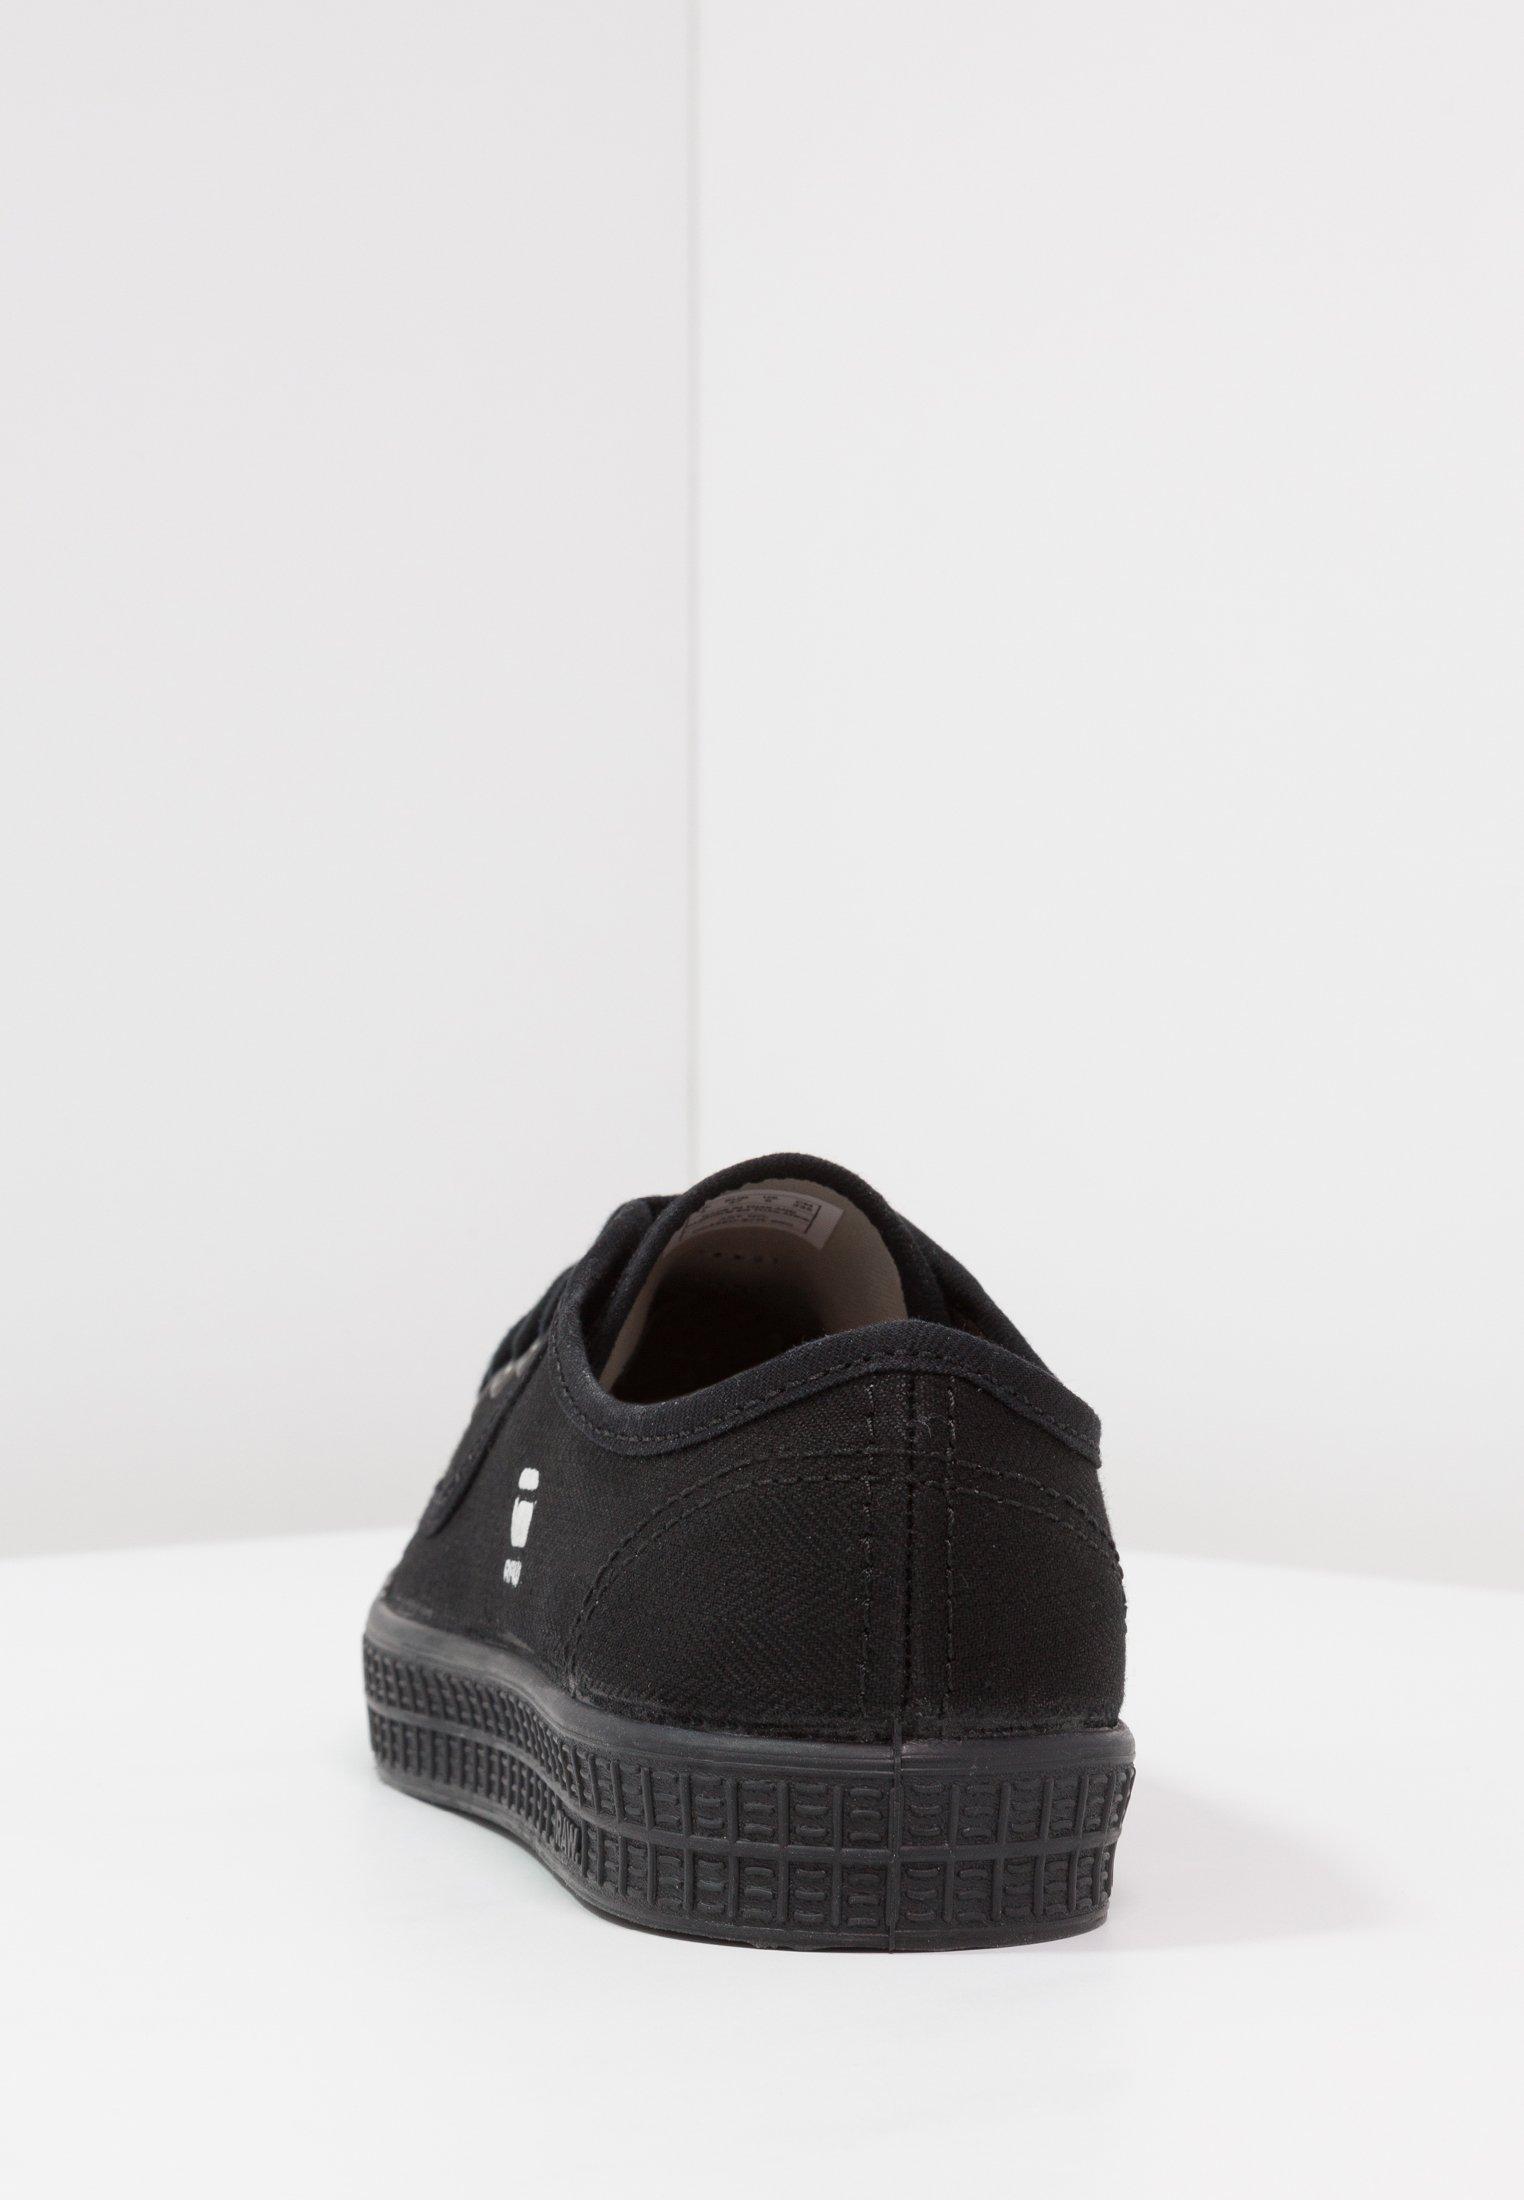 G-star Rovulc - Sneakers Basse Black BIYBO